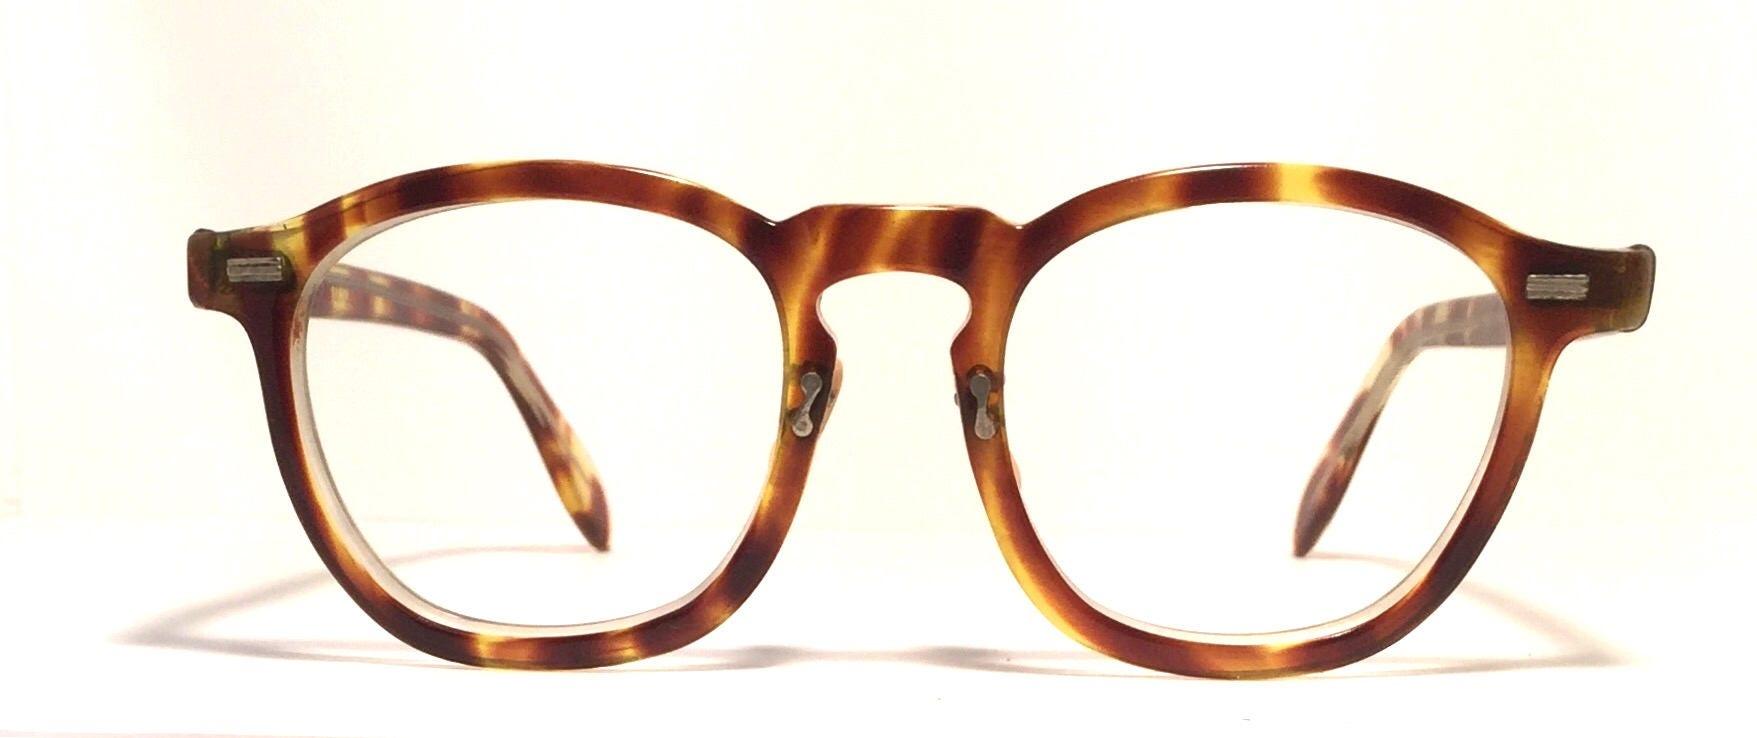 vintage eyewear willson made in usa 1950 s bakelite nose